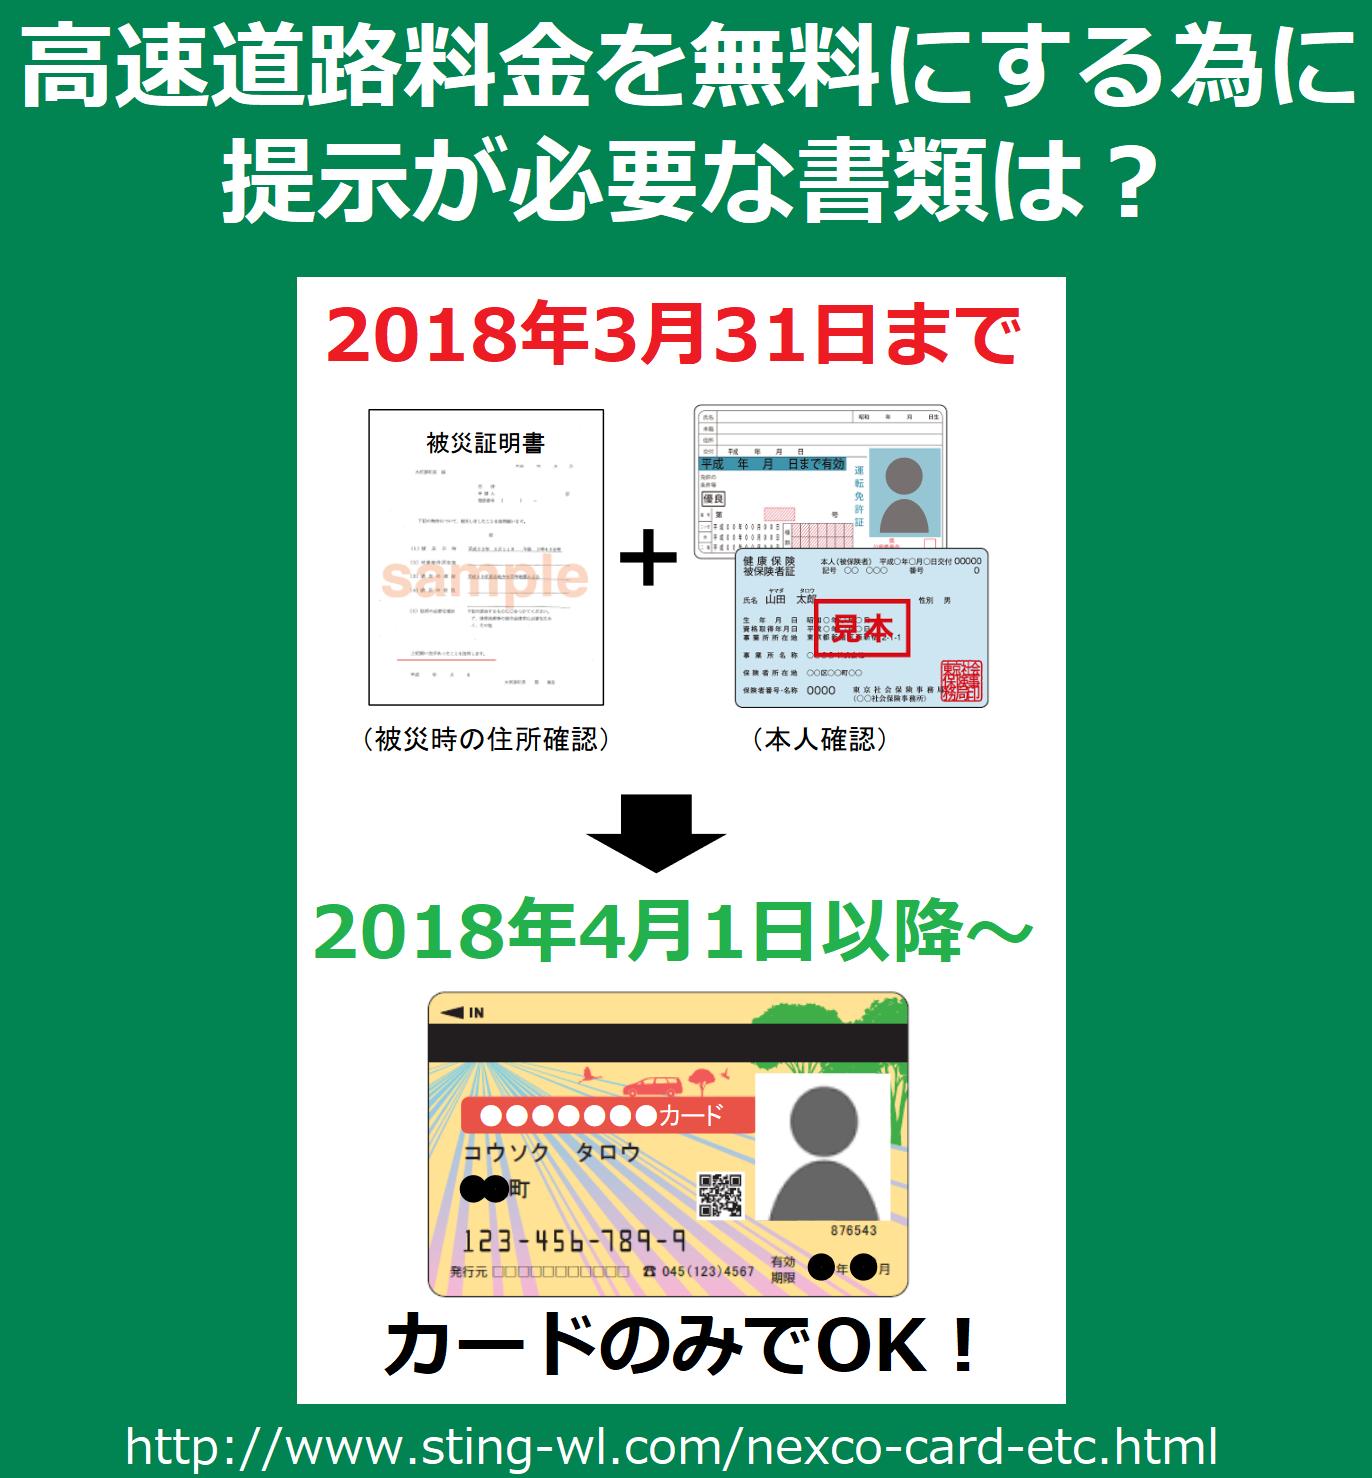 福島県の警戒区域等からの避難者が高速道路を無料で通行する際に必要な書類は2018年3月31日までは被災証明書+運転免許証等だが2018年4月1日より顔写真付きのカードのみでOK